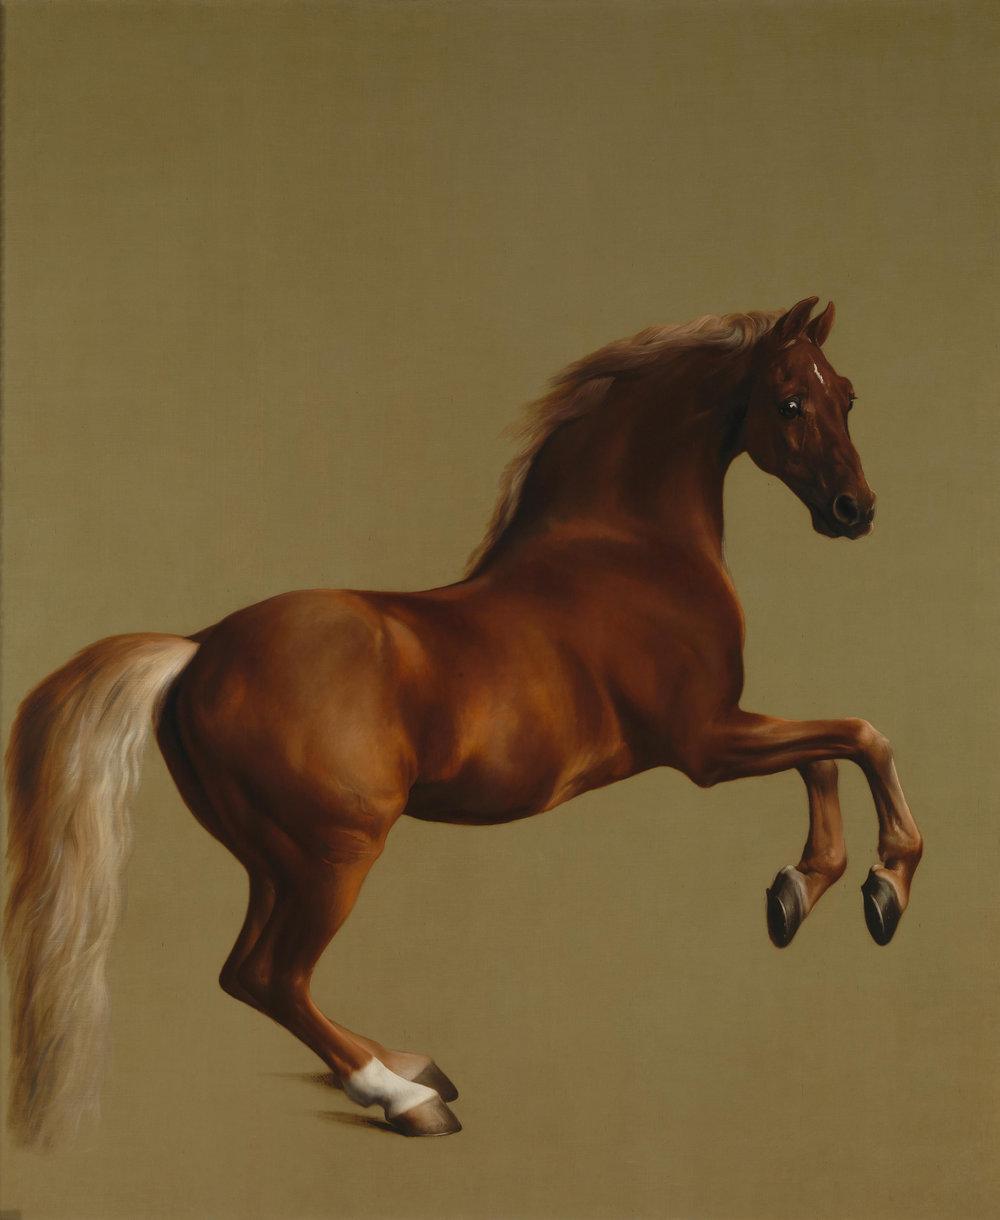 Geroge Stubbs: Estudio de anatomía del caballo, 1762